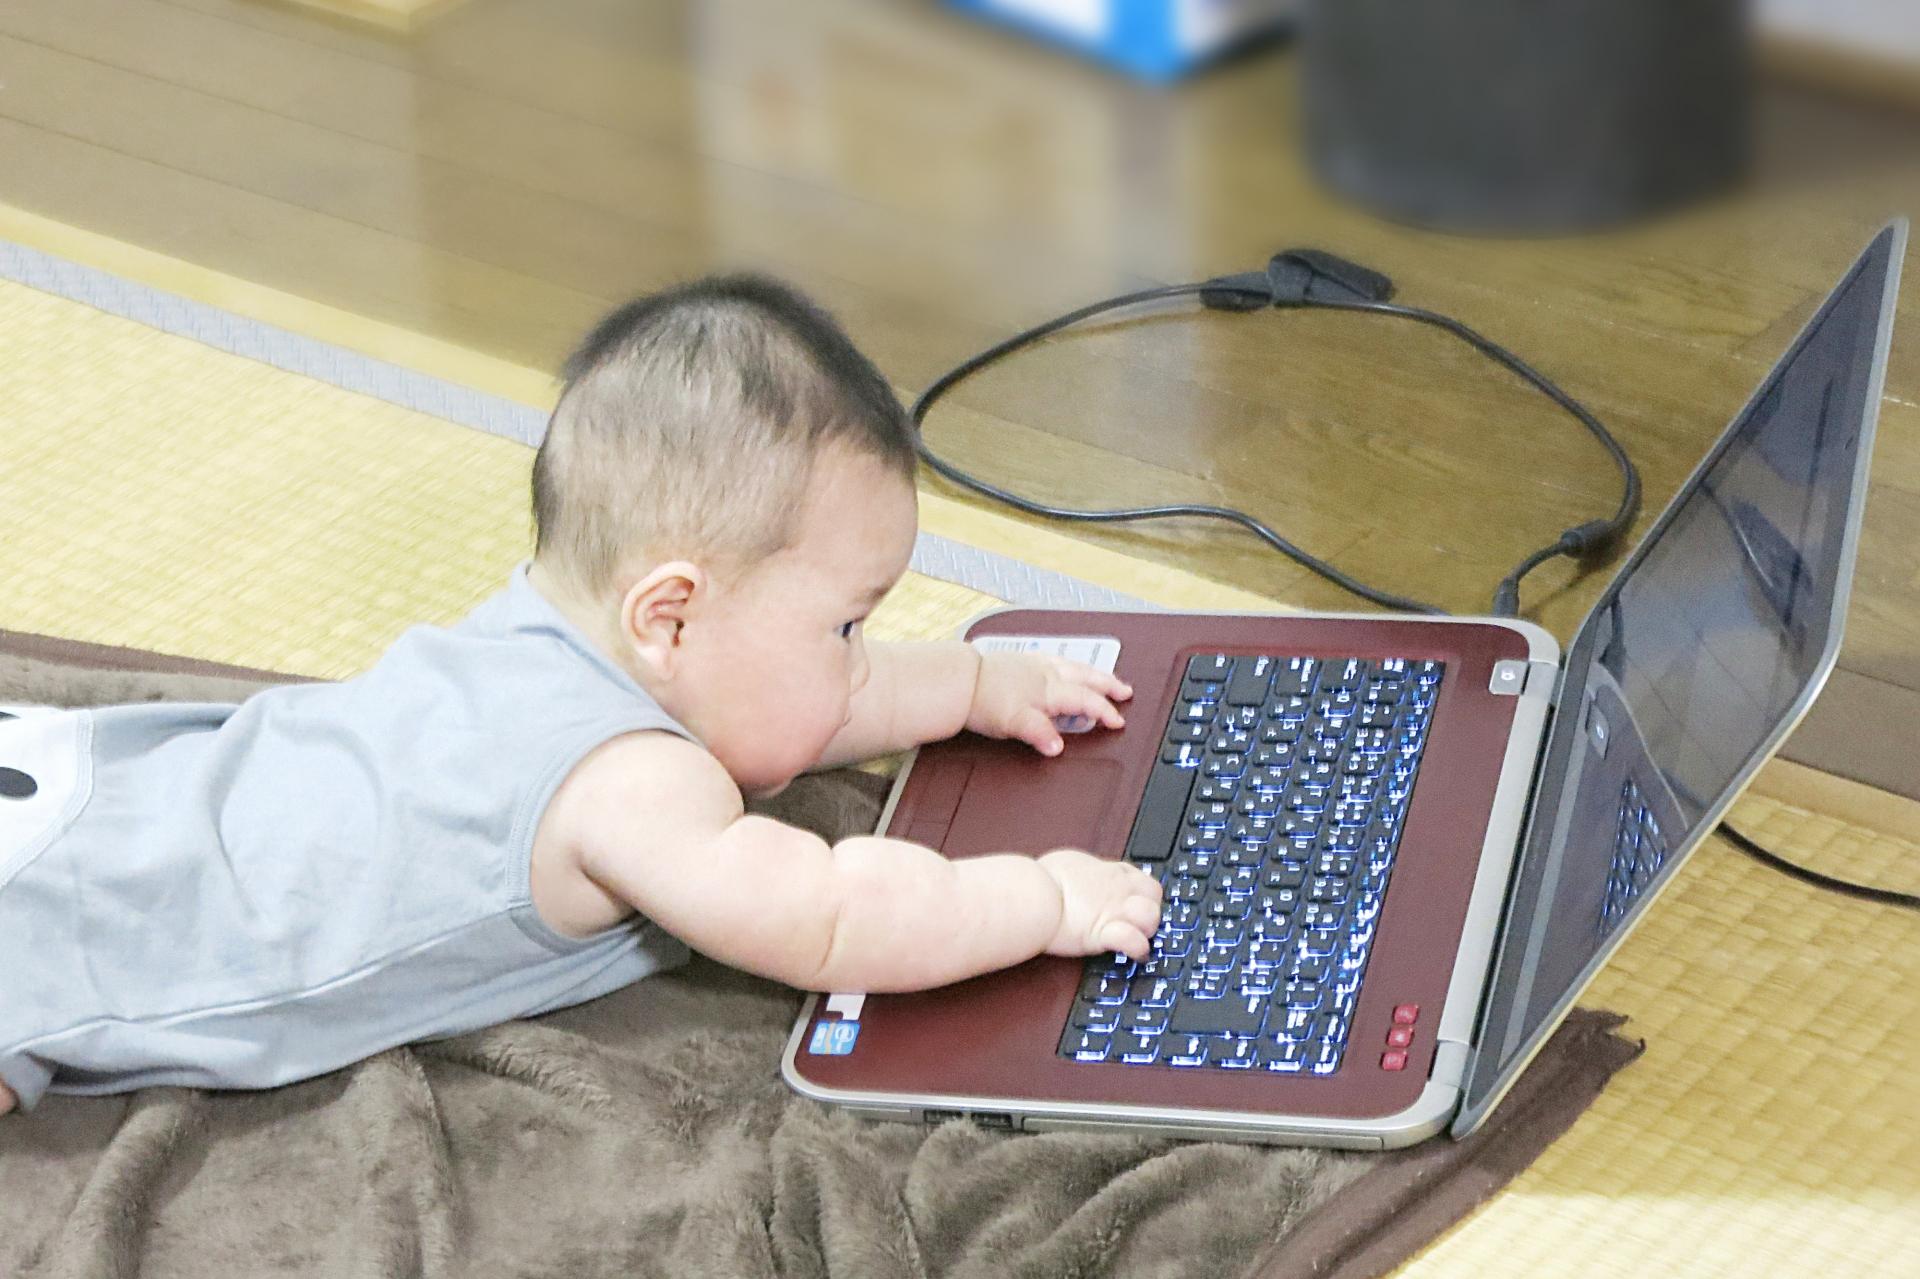 パソコンに興味を持つ赤ちゃん